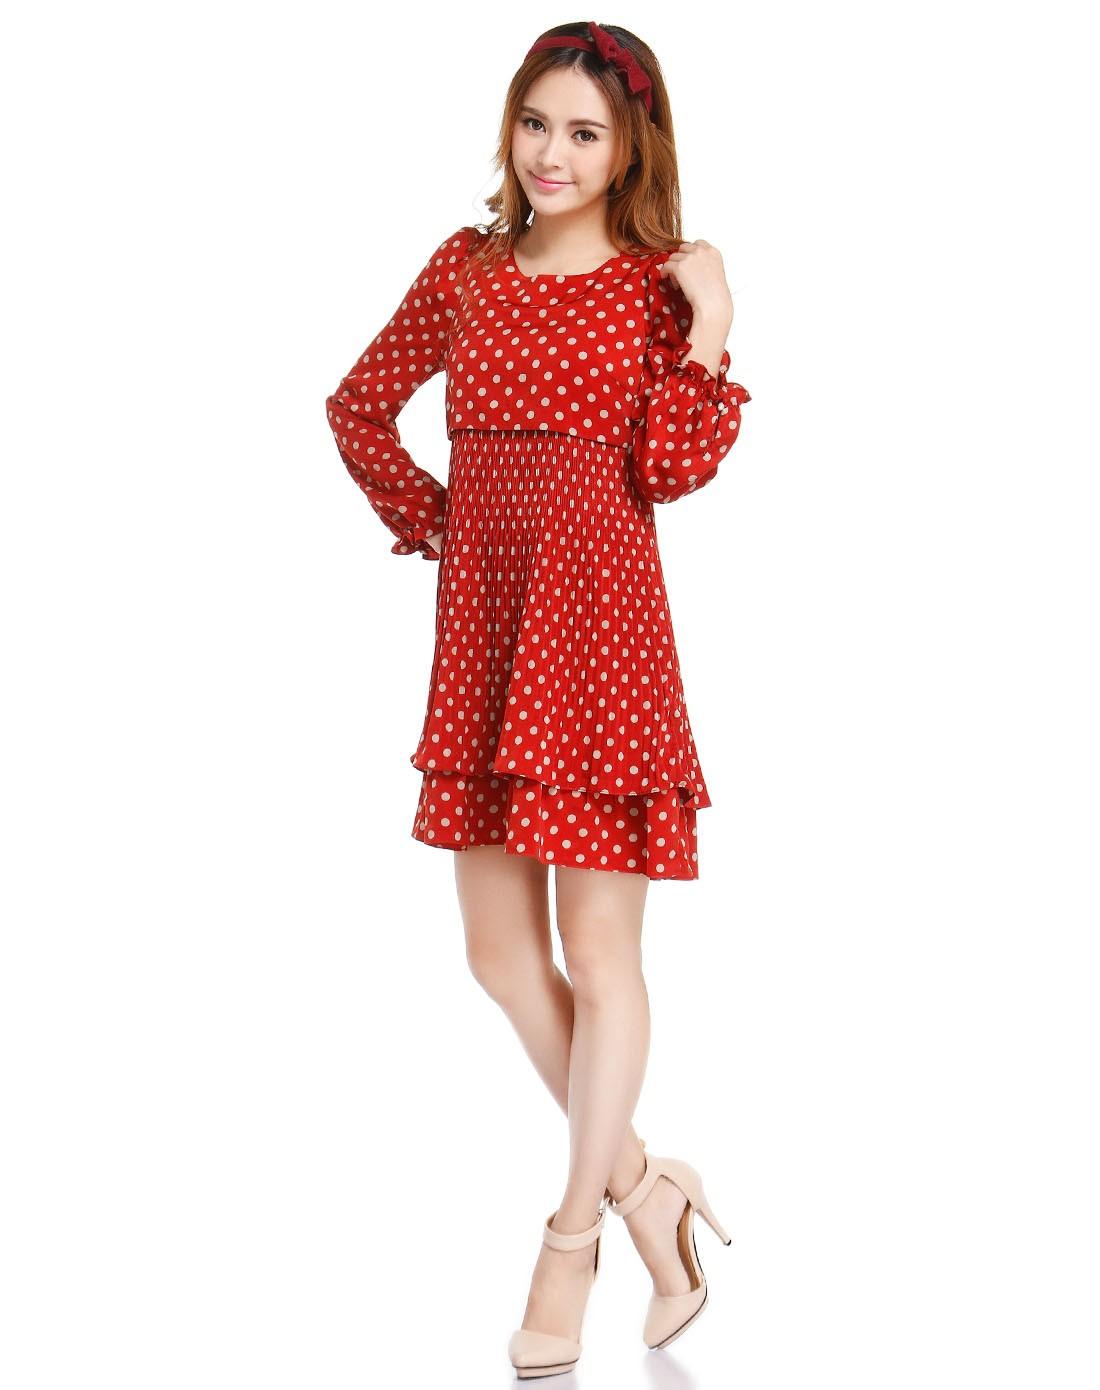 深橘红色可爱圆点长袖连衣裙